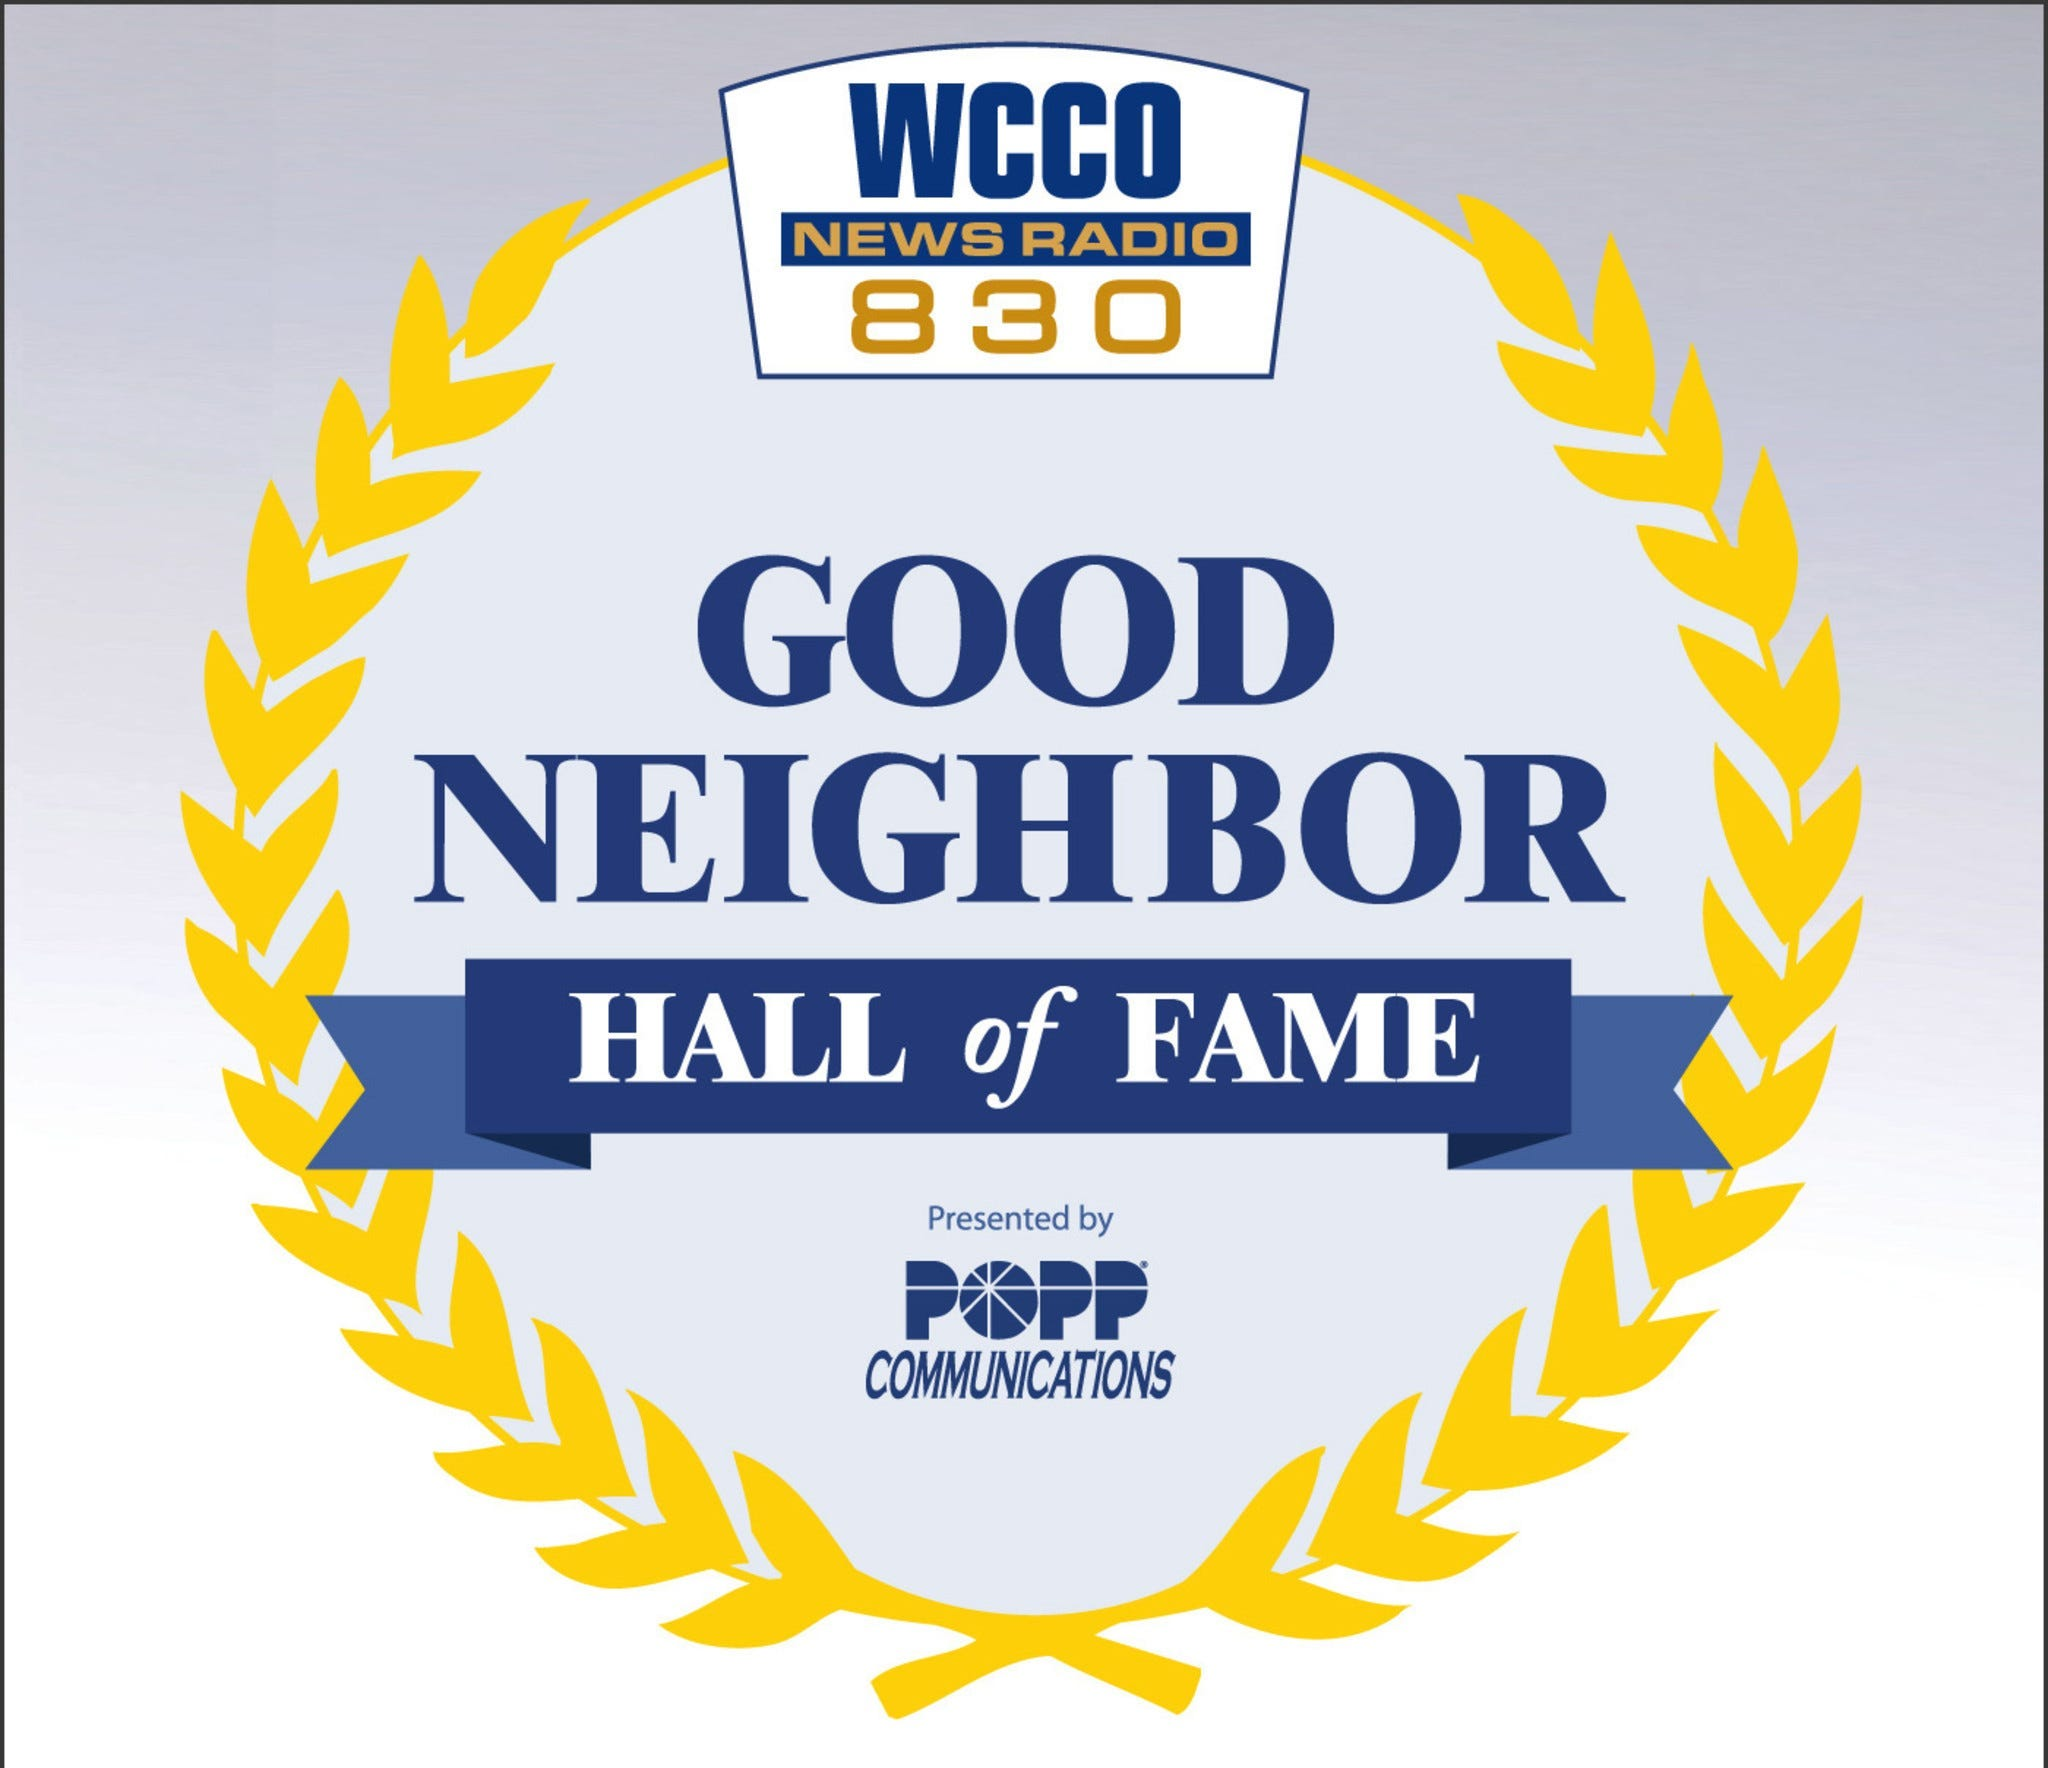 Good Neighbor Hall Of Fame